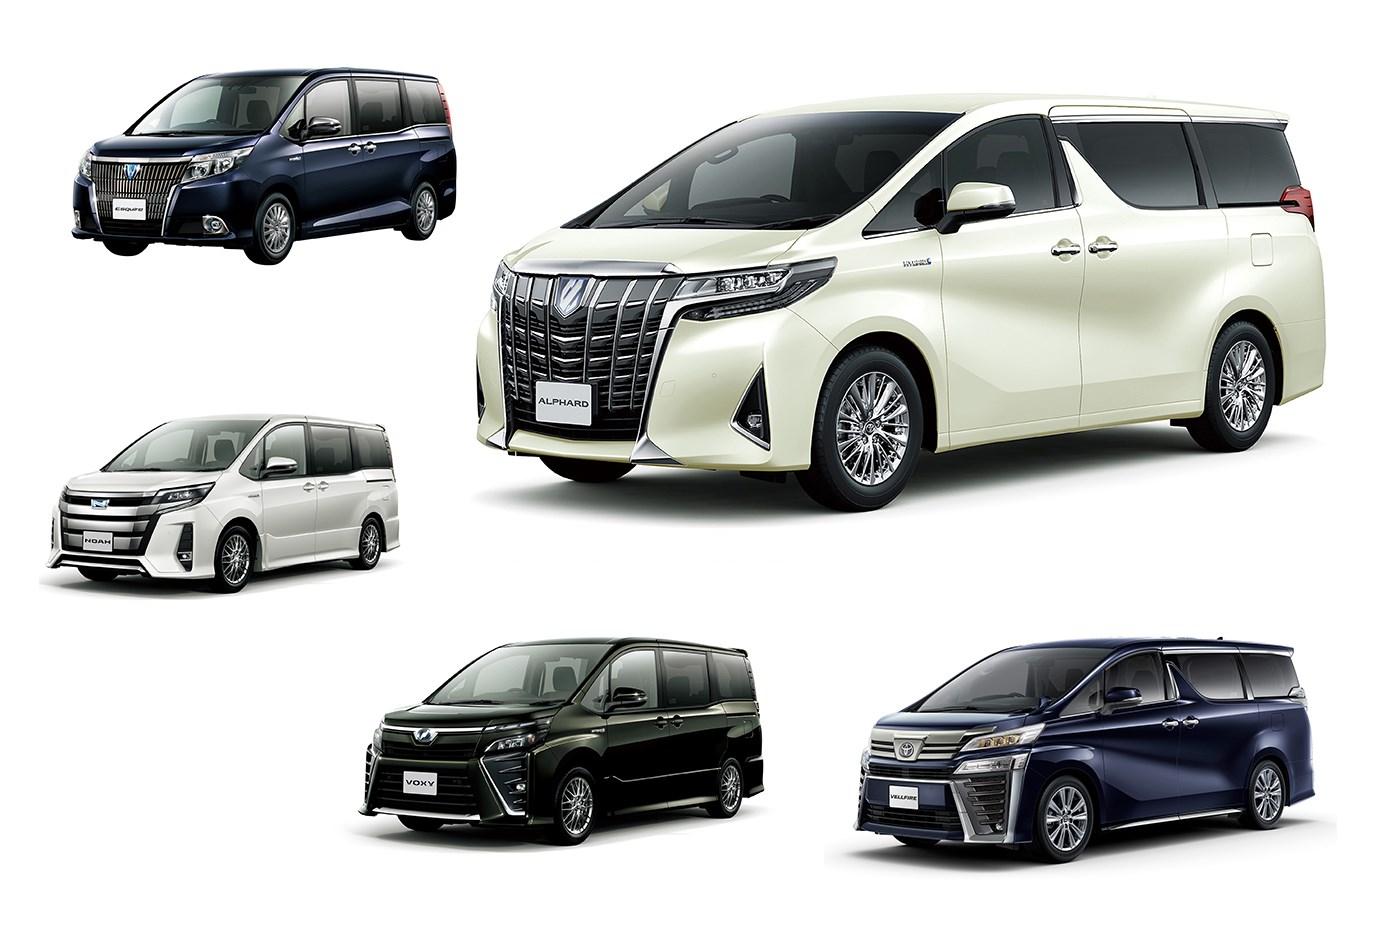 半導体不足収まらず。今度はトヨタの人気ミニバン・アルファード、ノア、ヴォクシーが5日間生産停止に